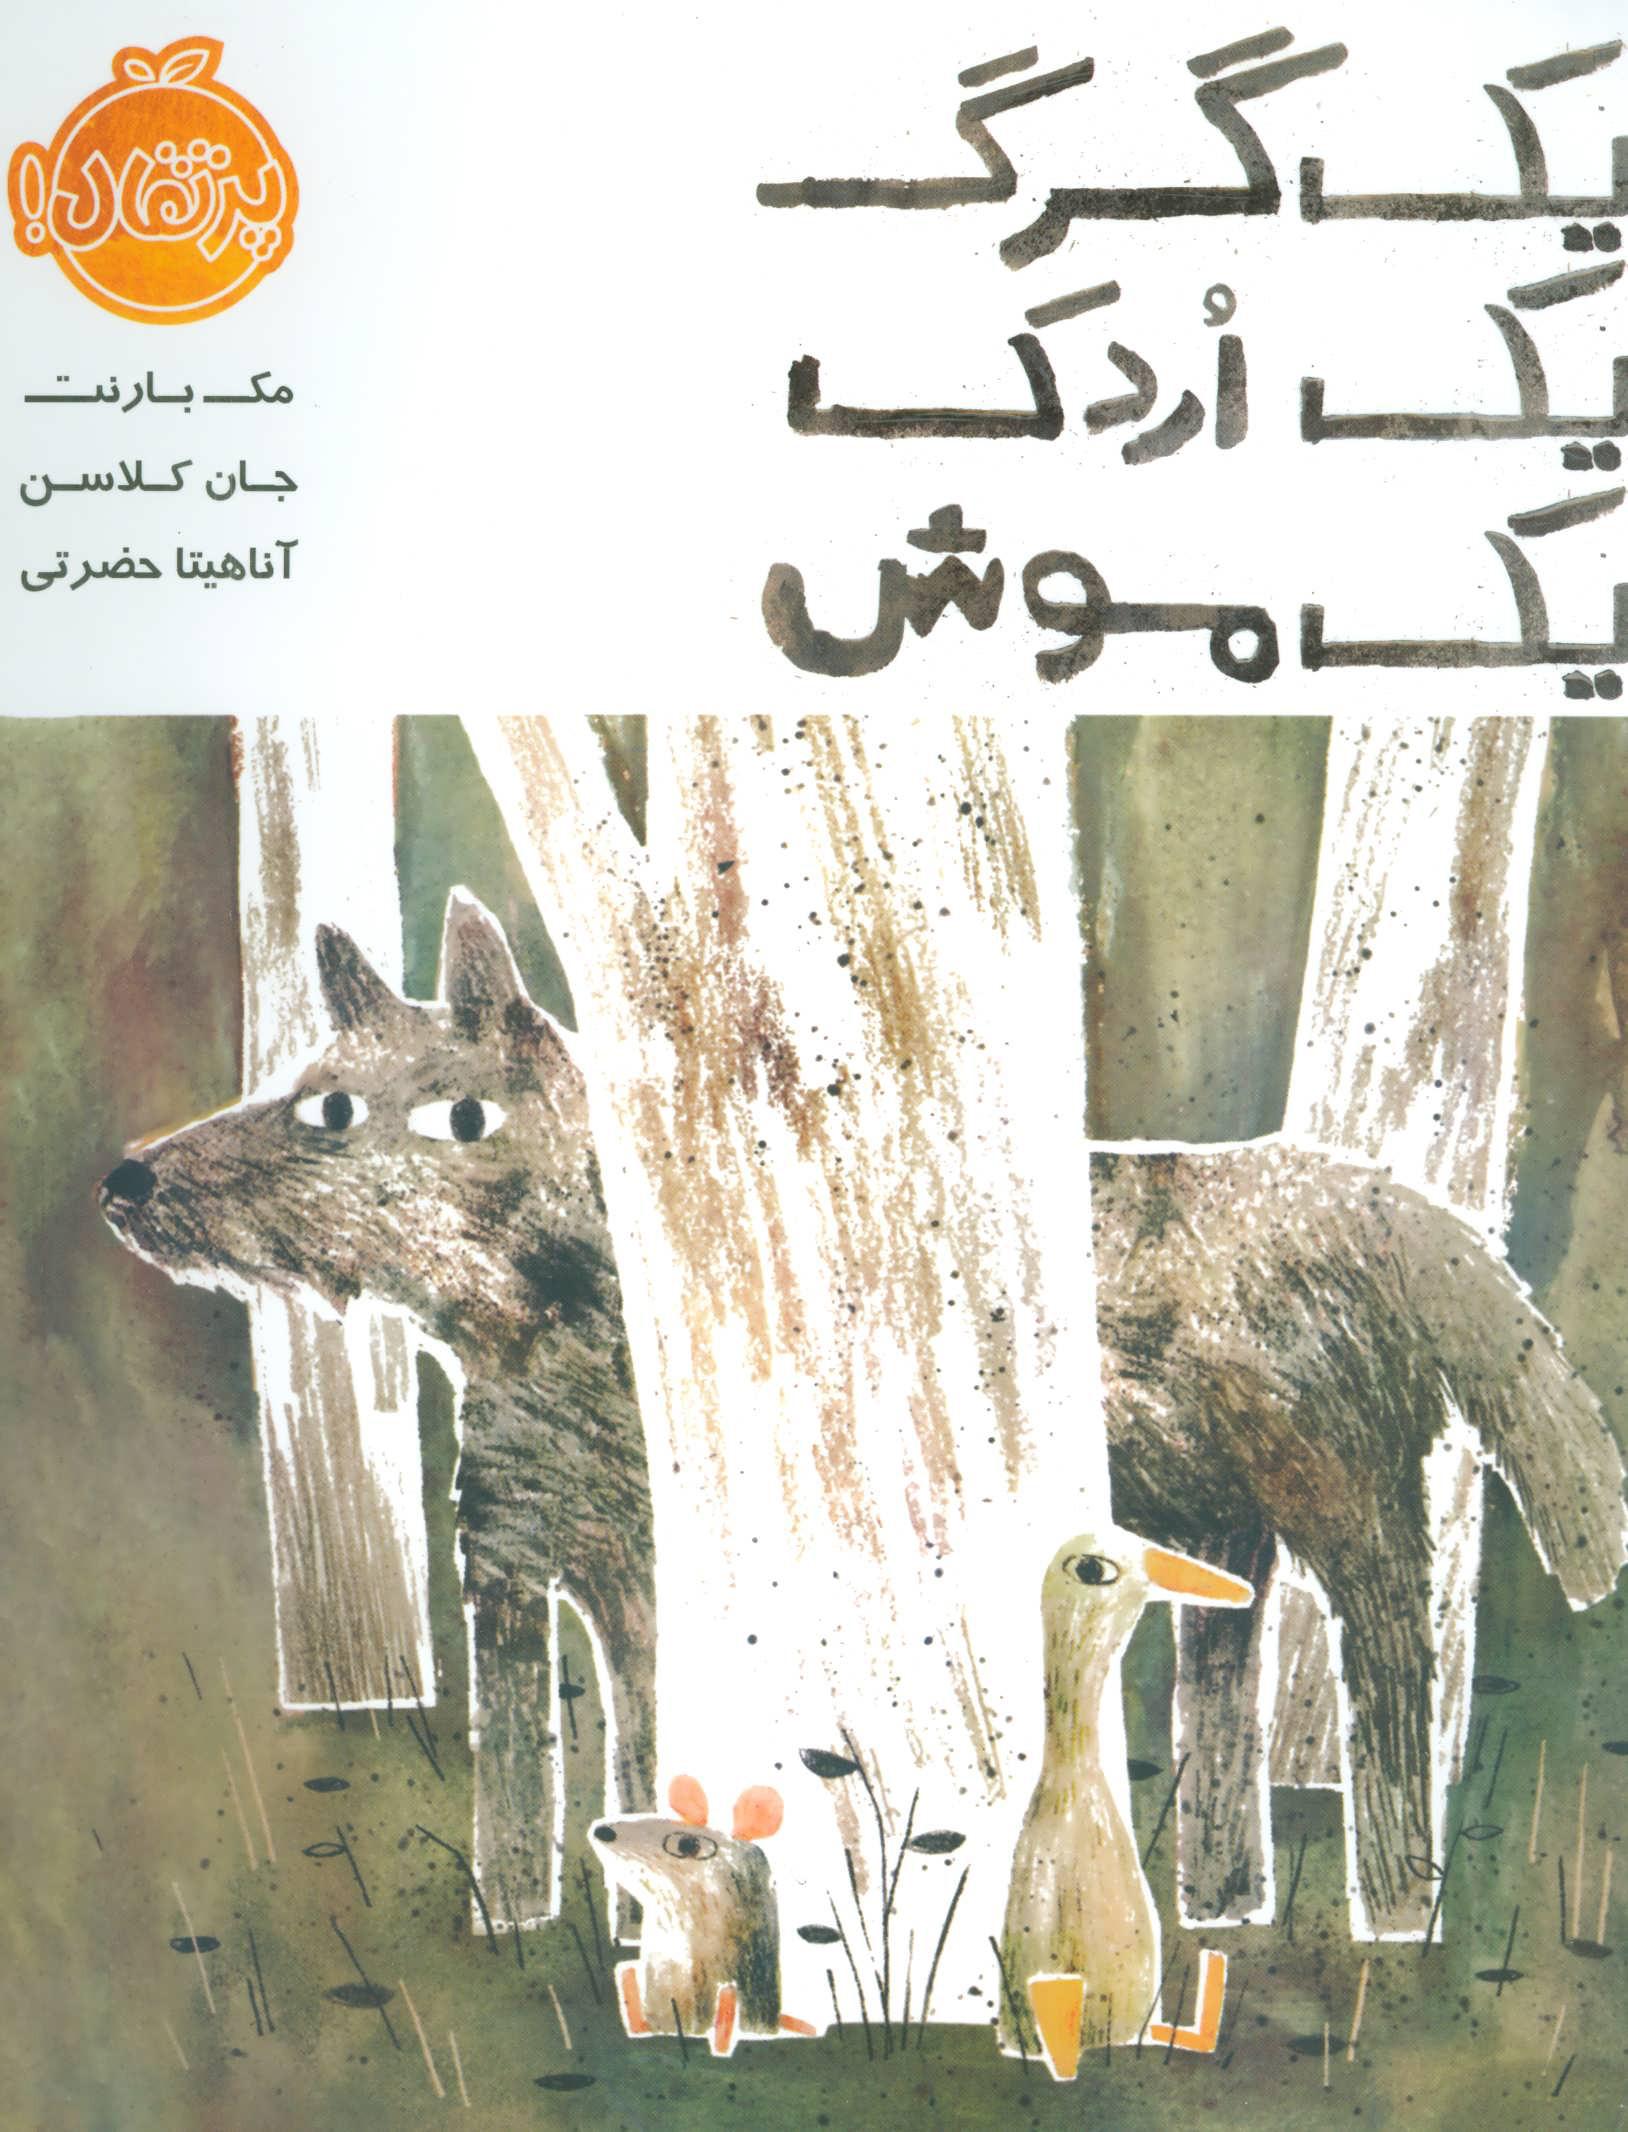 رمان یک گرگ یک اردک یک موش